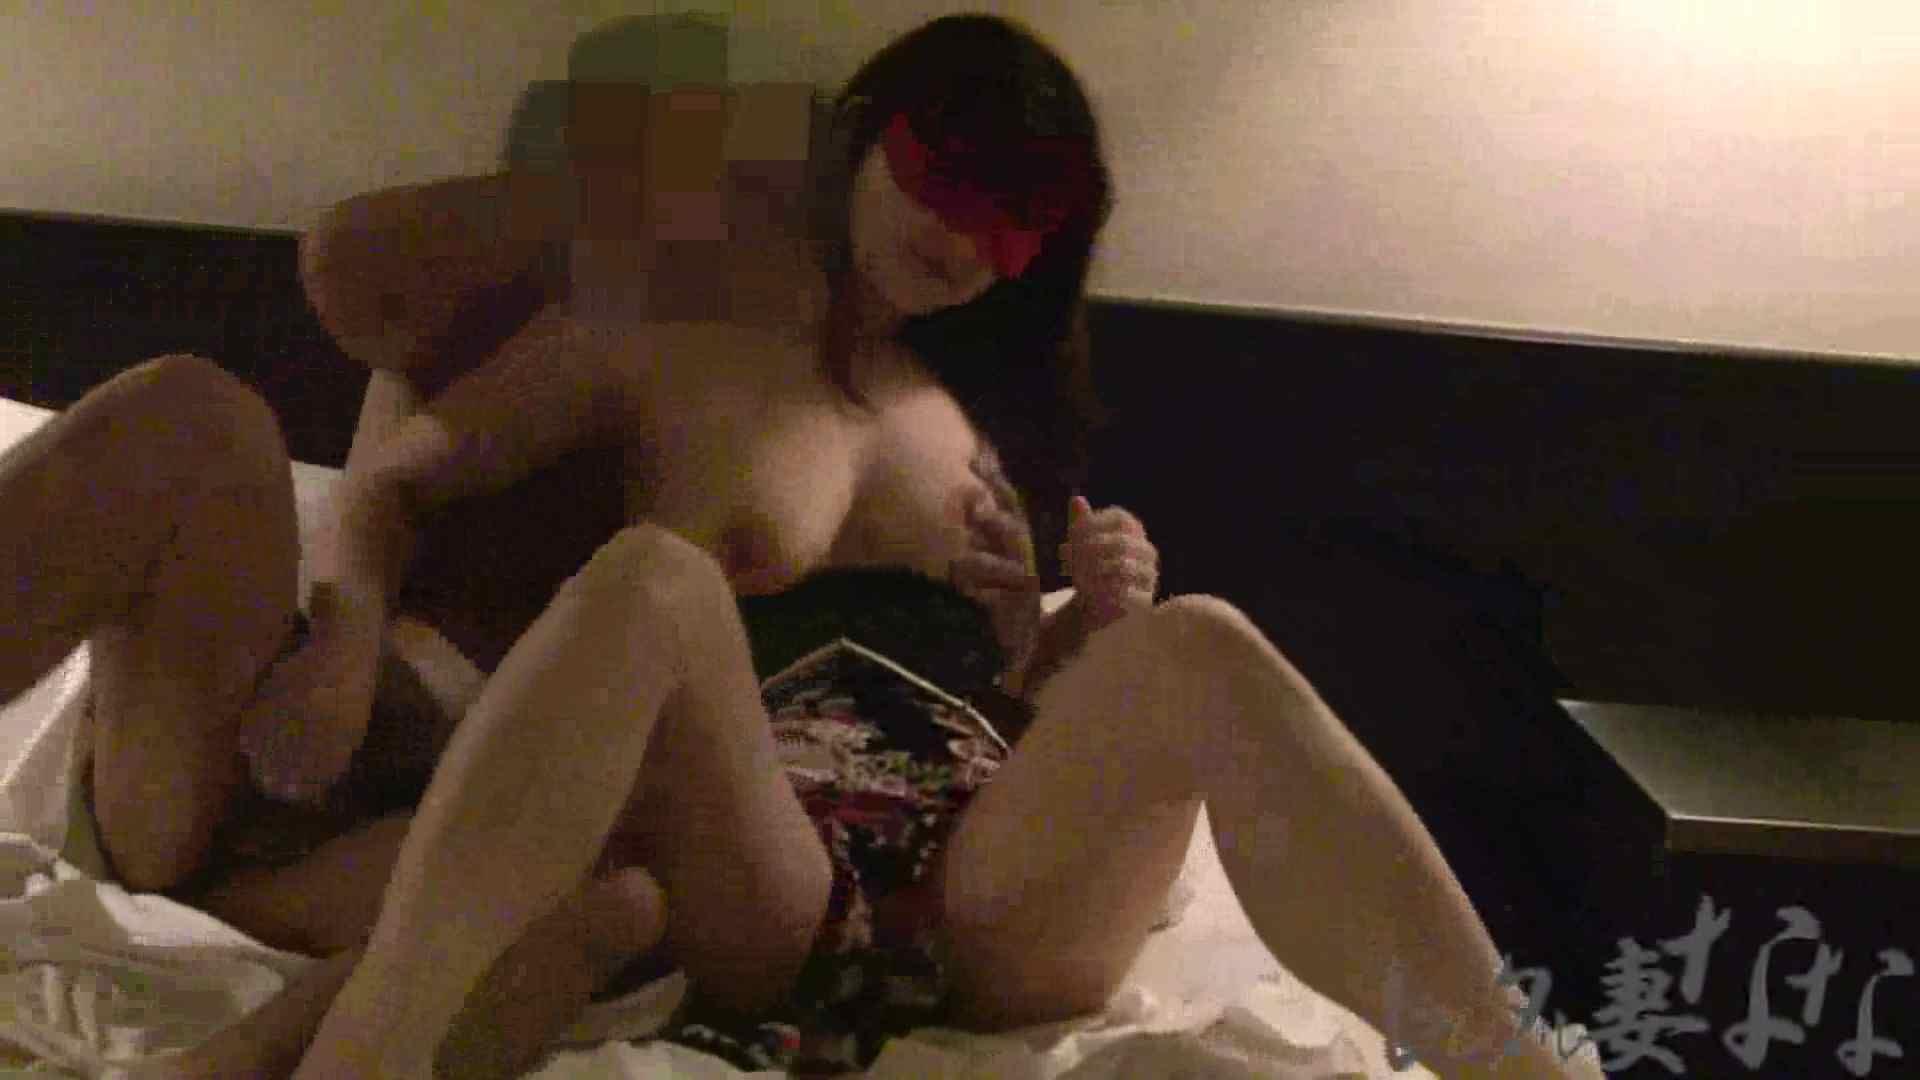 レンタル妻ななvol.8 濃厚愛撫編 人妻のエッチ おめこ無修正動画無料 59pic 24